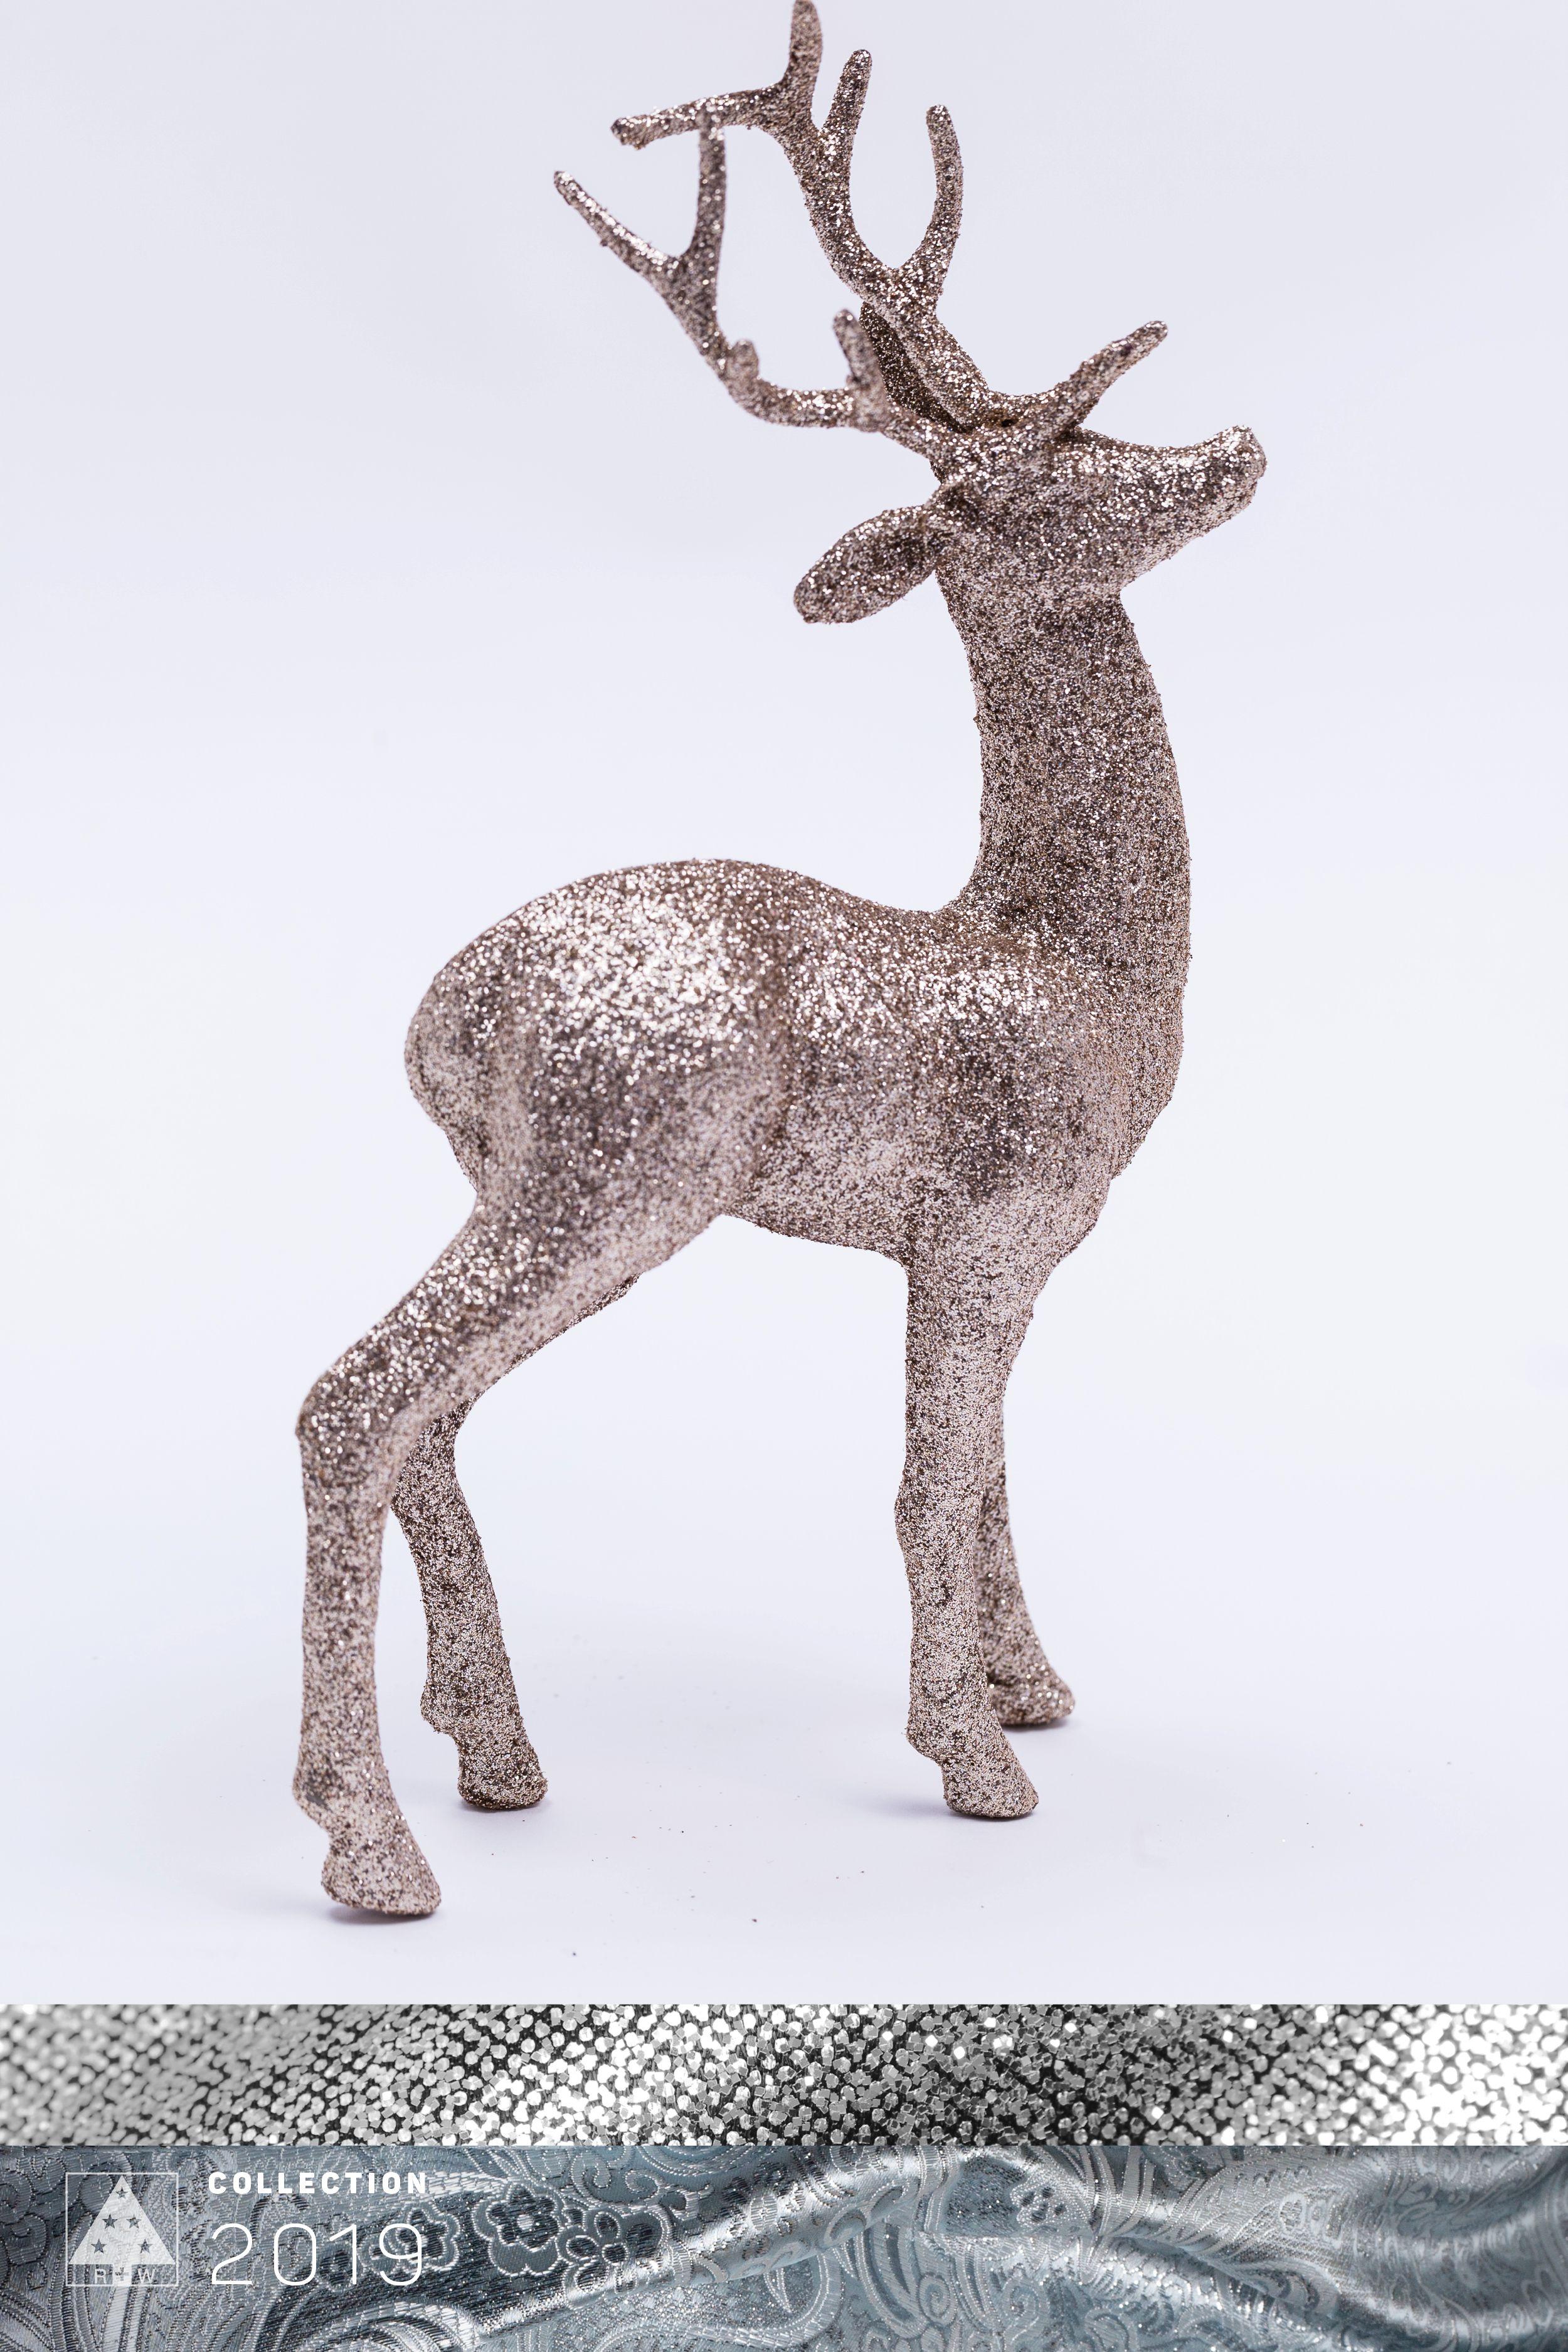 Royal Silver #deer #glittery #royalsilver #silver #shiny #weihnachtsdeko #silber #elegant #glänzend #colortrends #trends2019 #decoration #deko #weihnachtsdeko #christmas #christmasspirit #christmastime #christmasornaments #riffelmacherweinberger #weihnachtsdeko2019trend